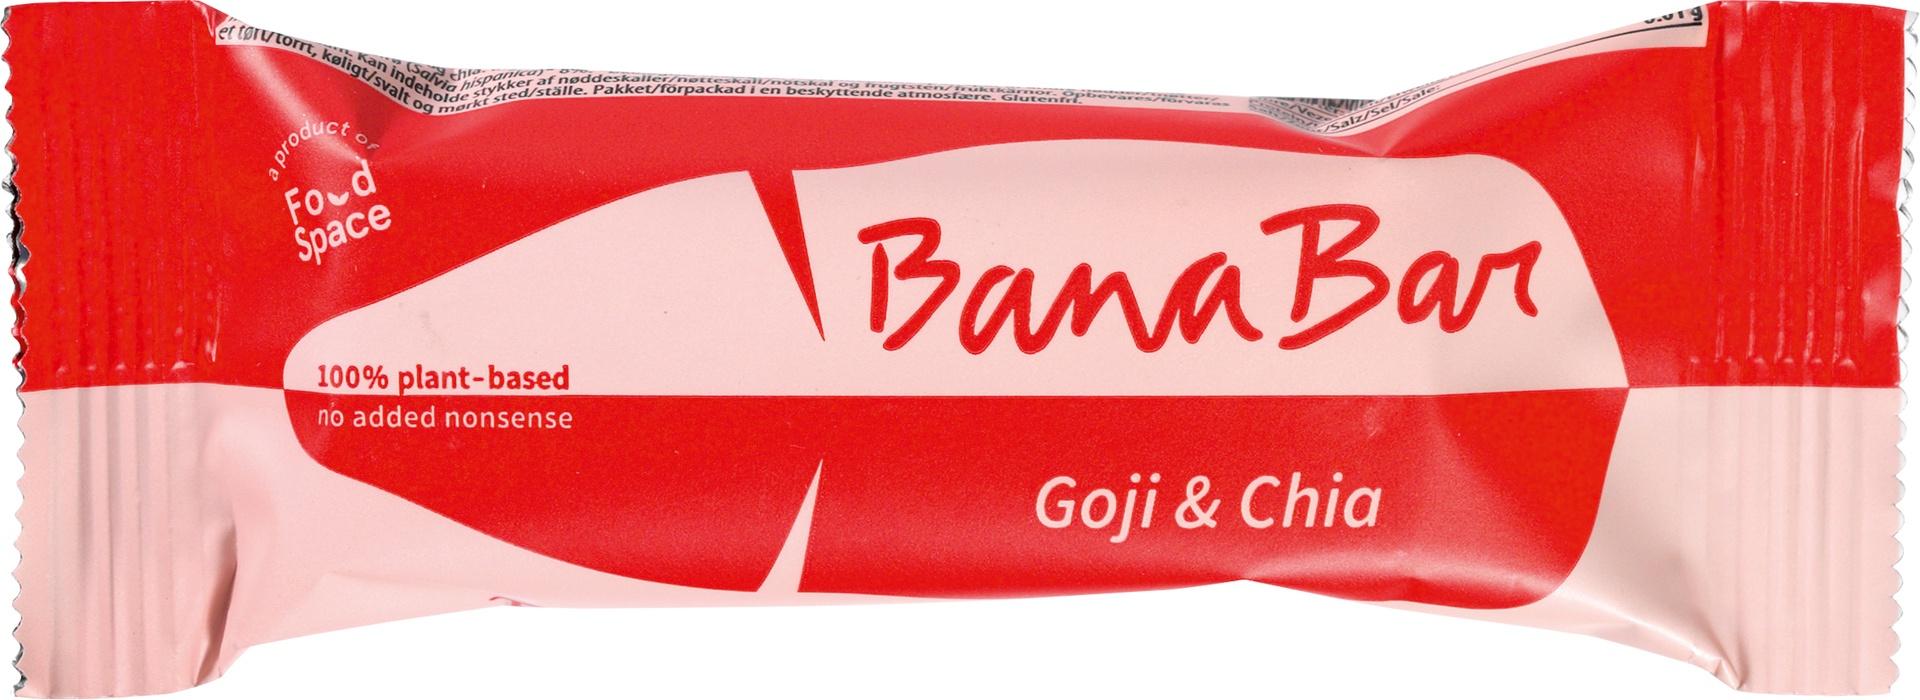 Biologische Banabar Goji & Chia banana bar 40 g